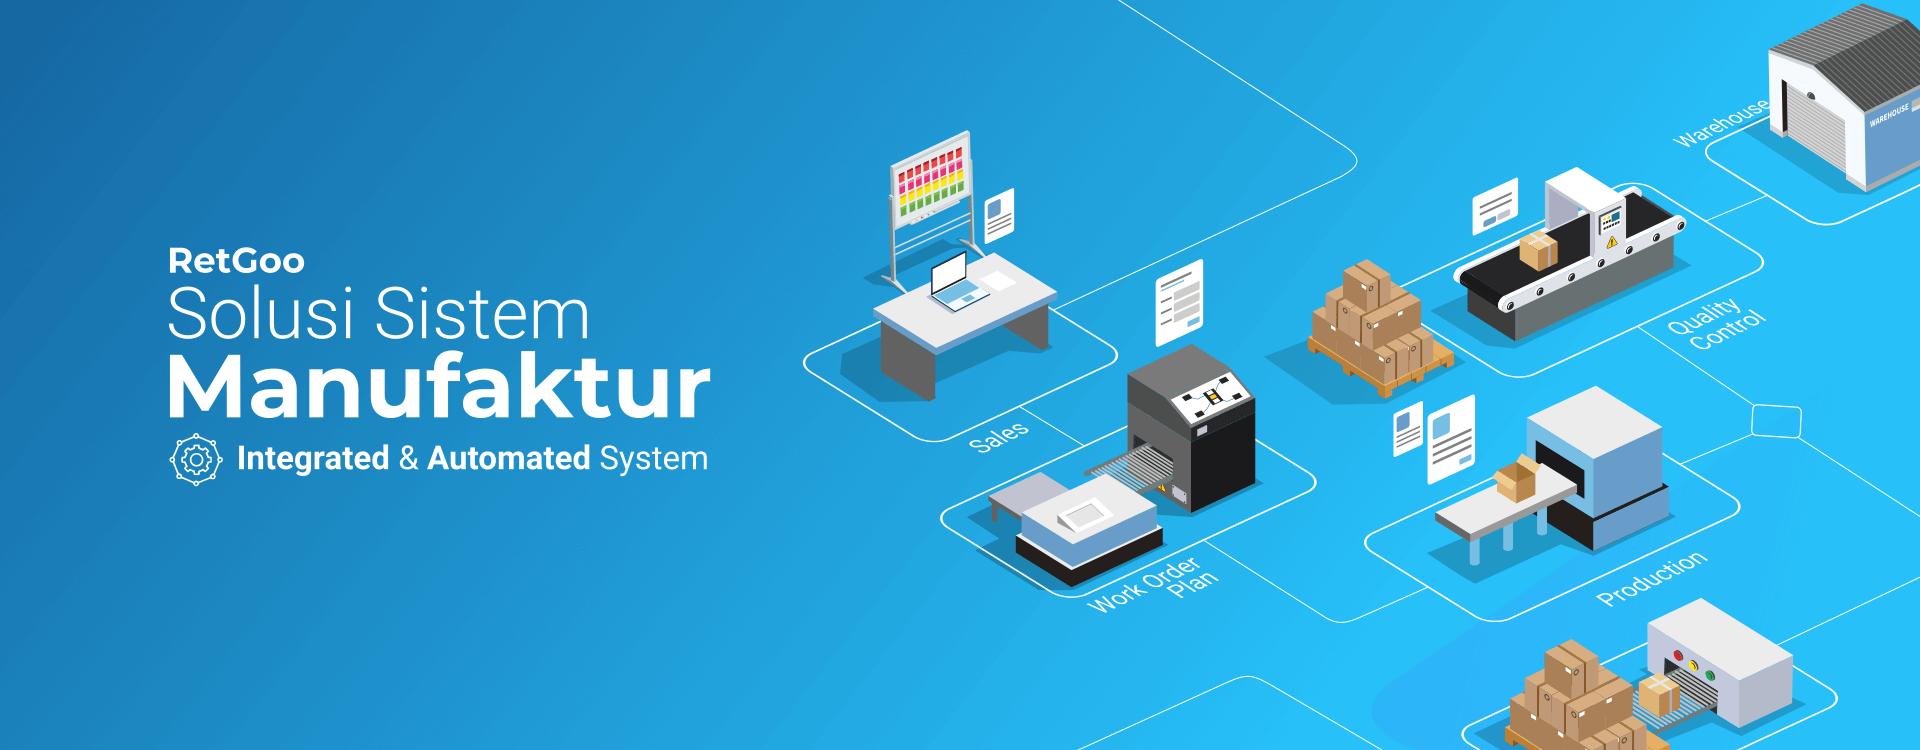 header - MFKTR integrated system